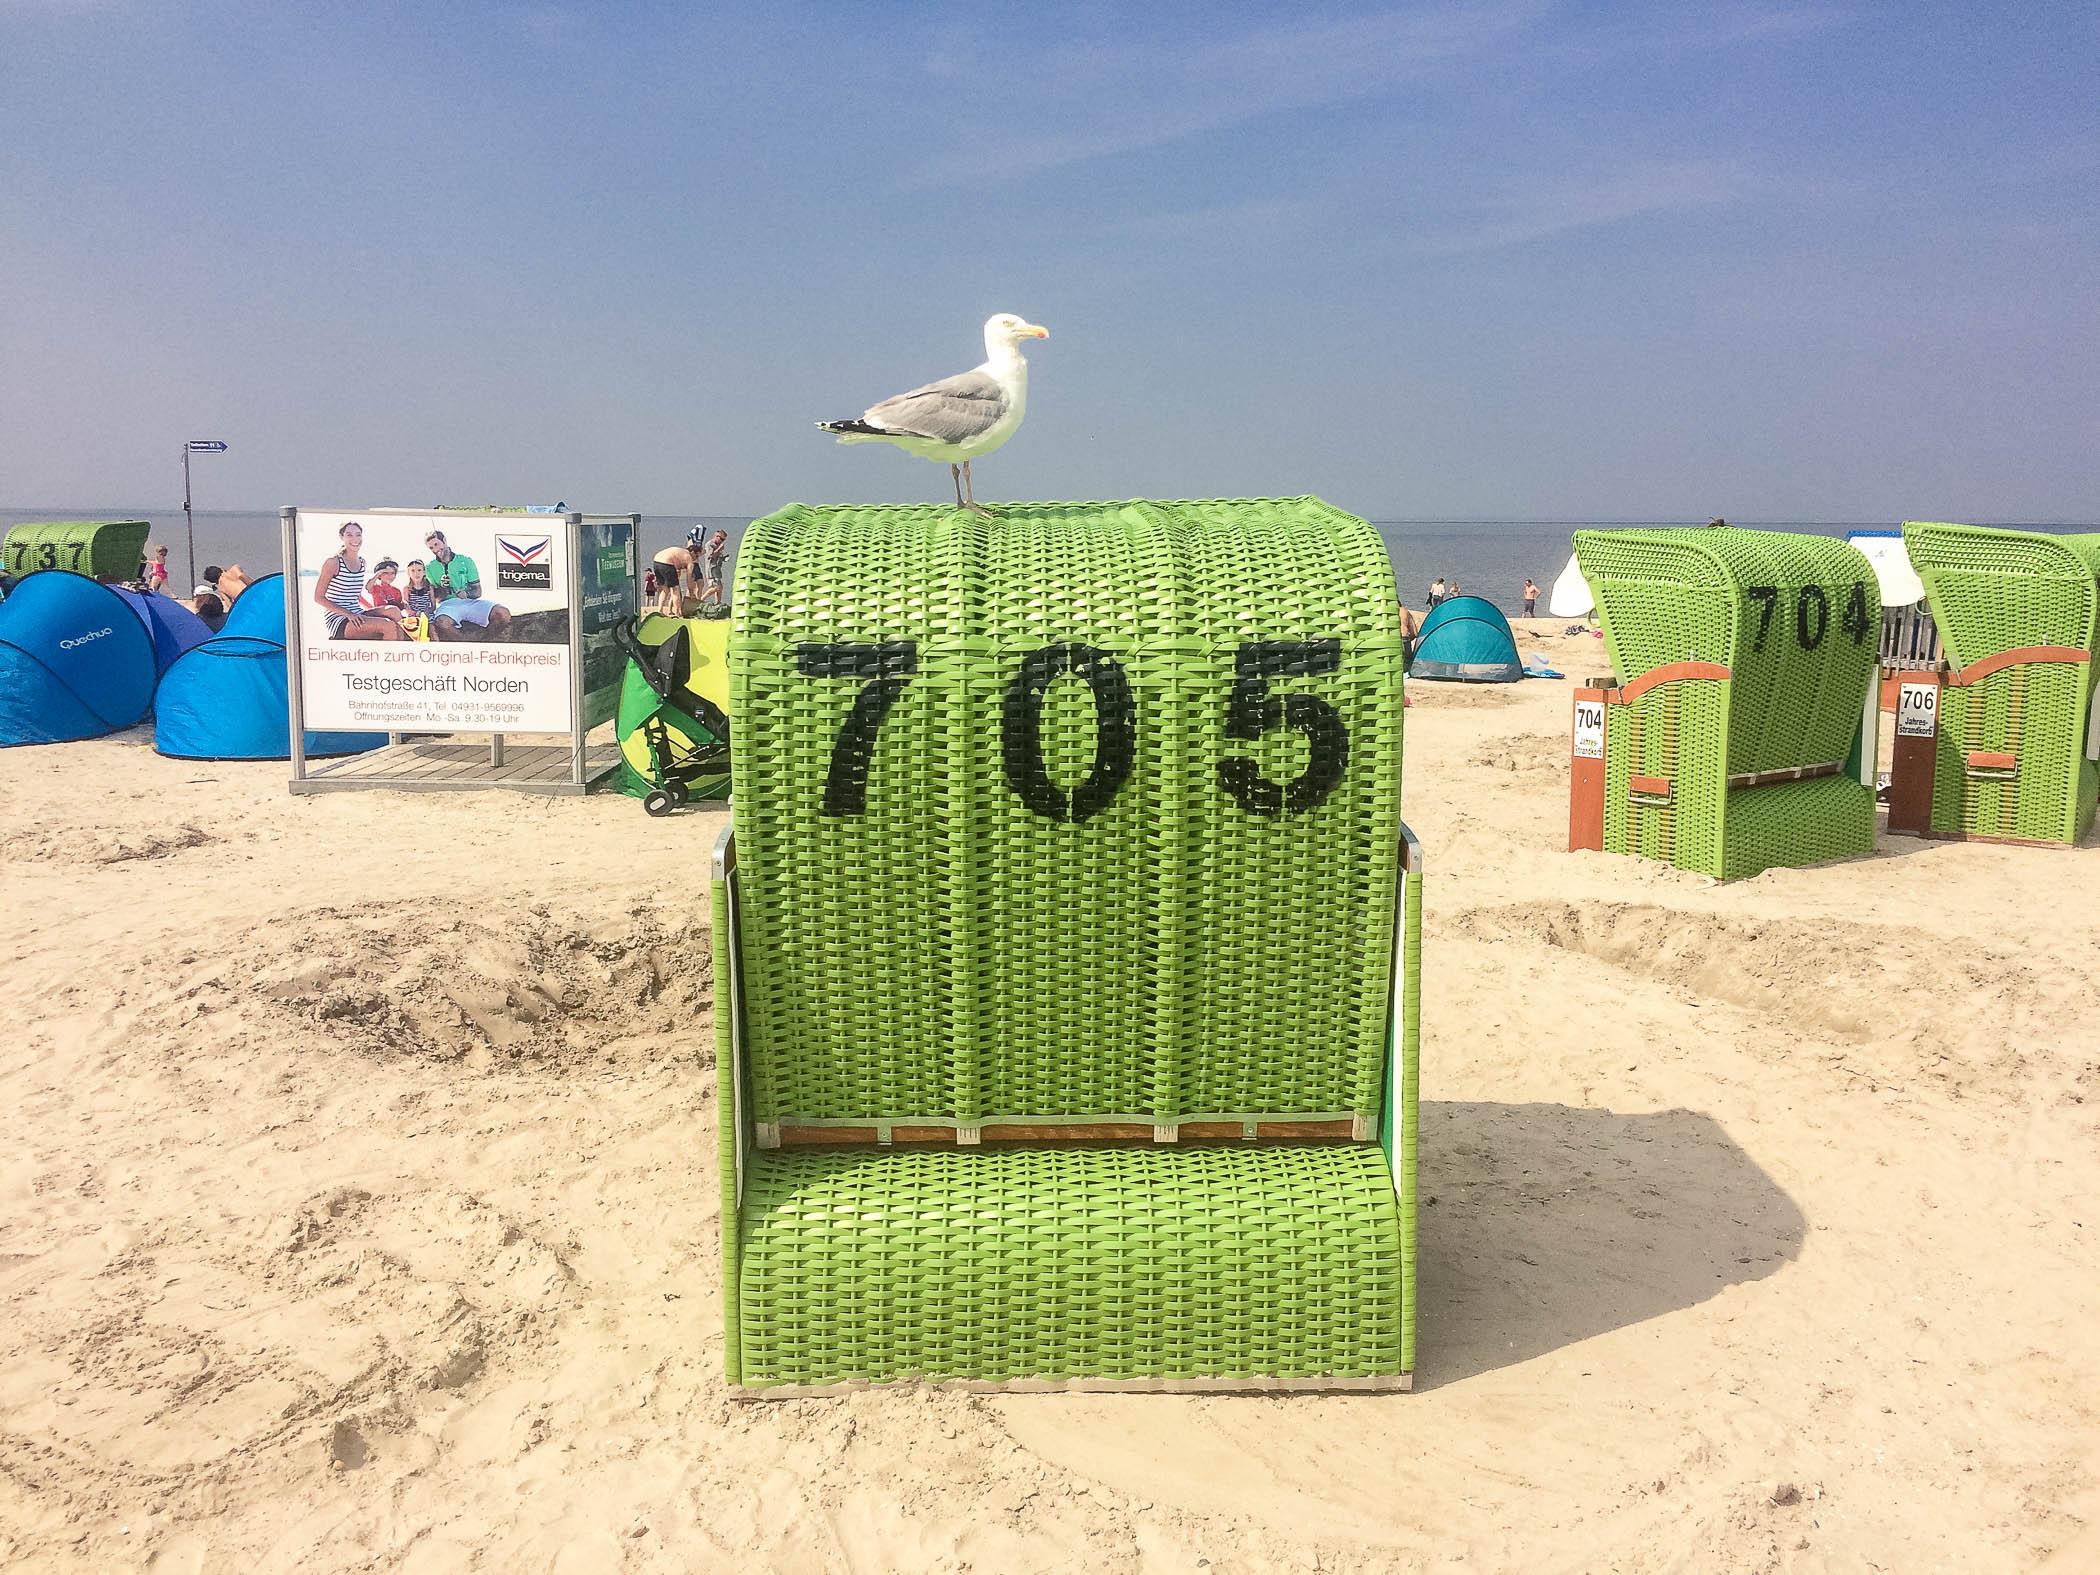 Der wohnungszugehörige Strandkorb